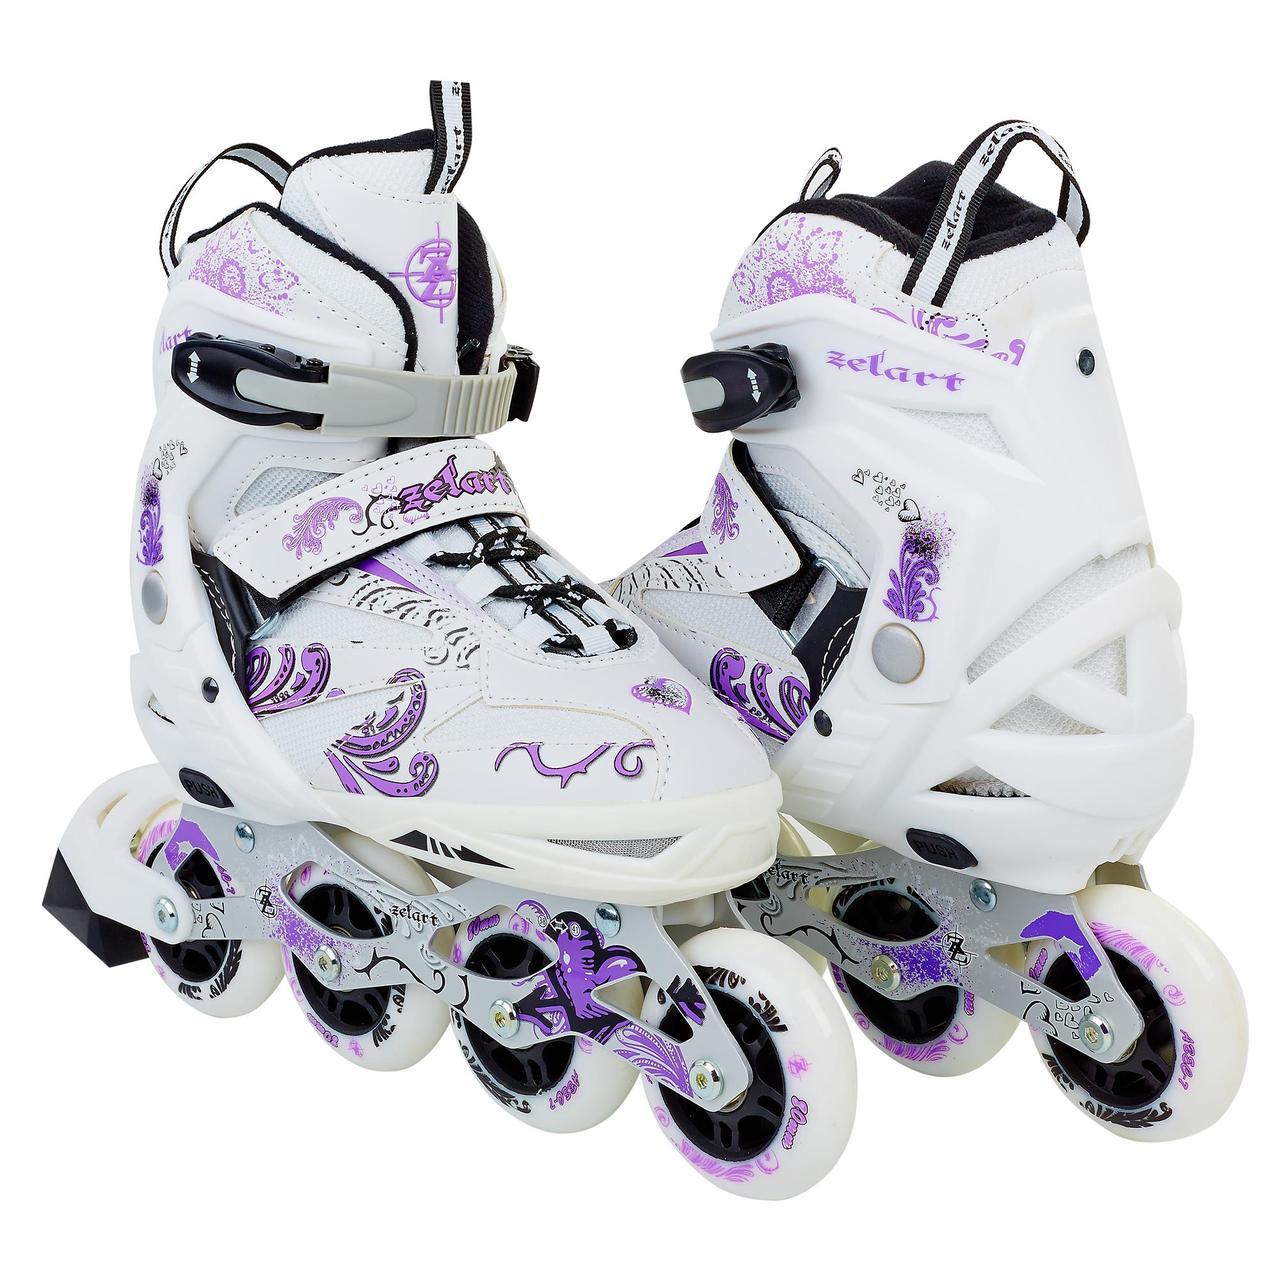 Роликовые коньки раздвижные Grace бело-фиолетовый Z-805